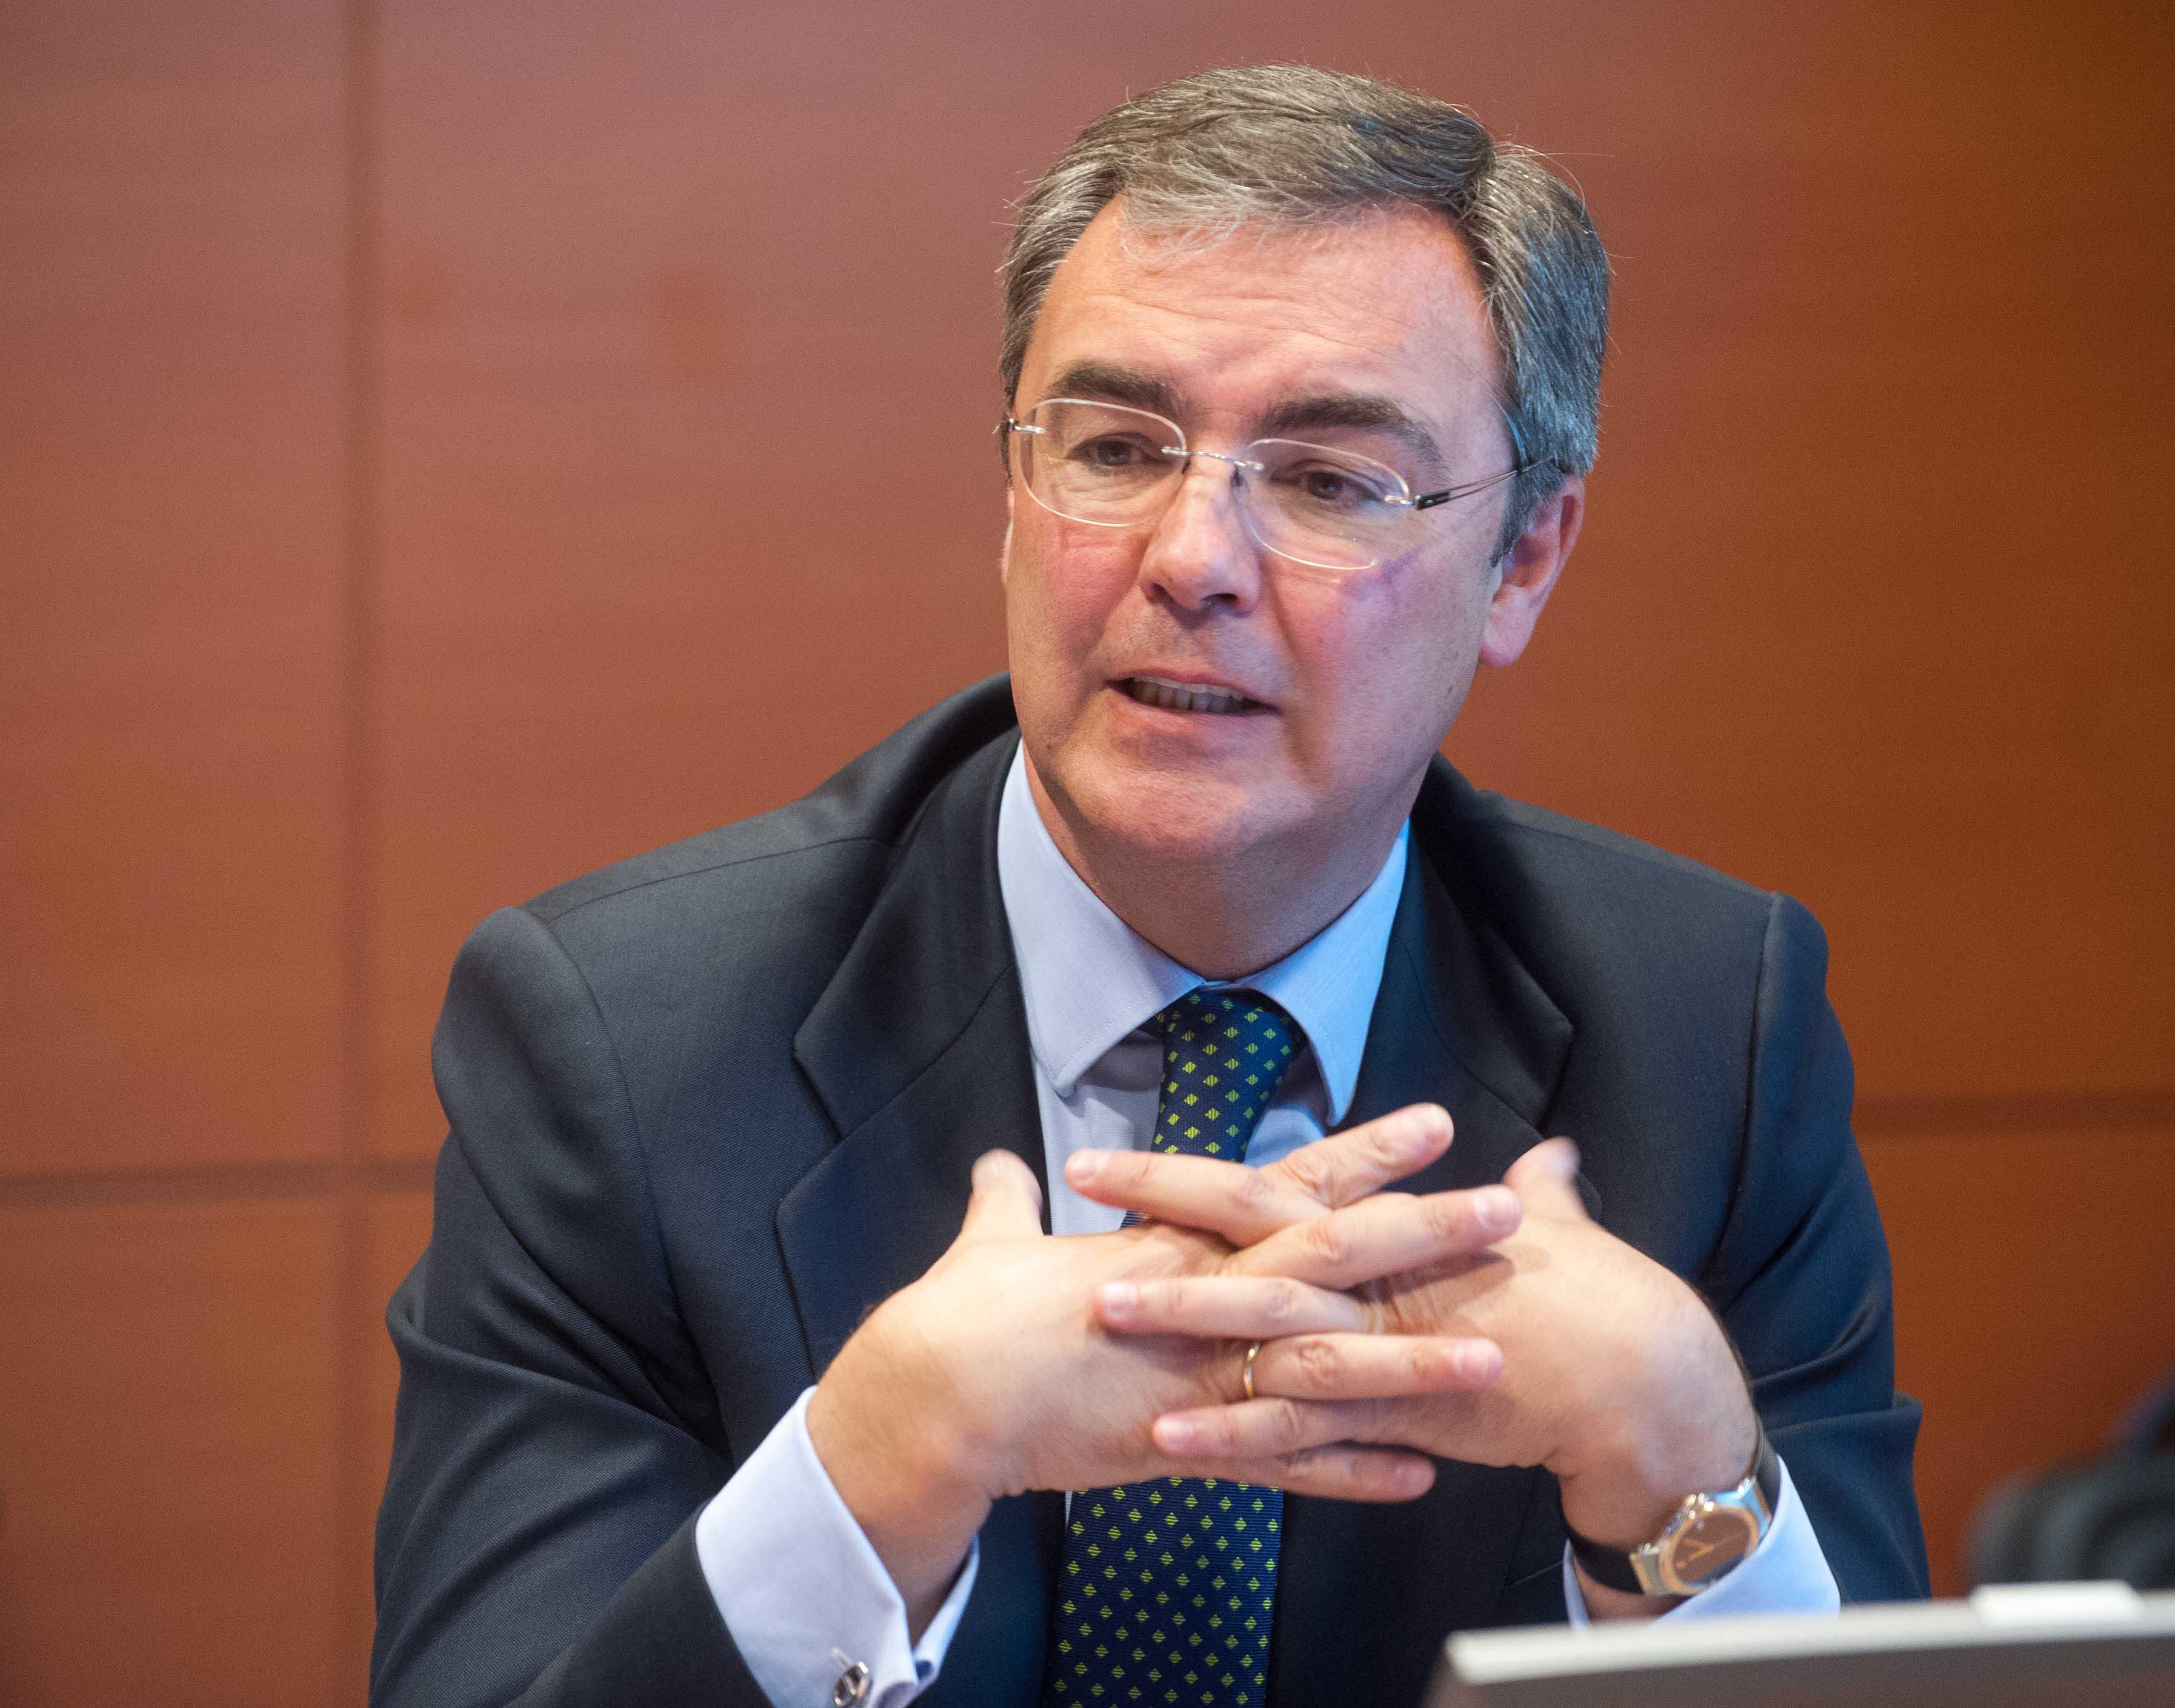 José Sevilla, Consejero Delegado de Bankia, durante su intervención en la Quinta Jornada del Curso de Economía organizado por APIE.